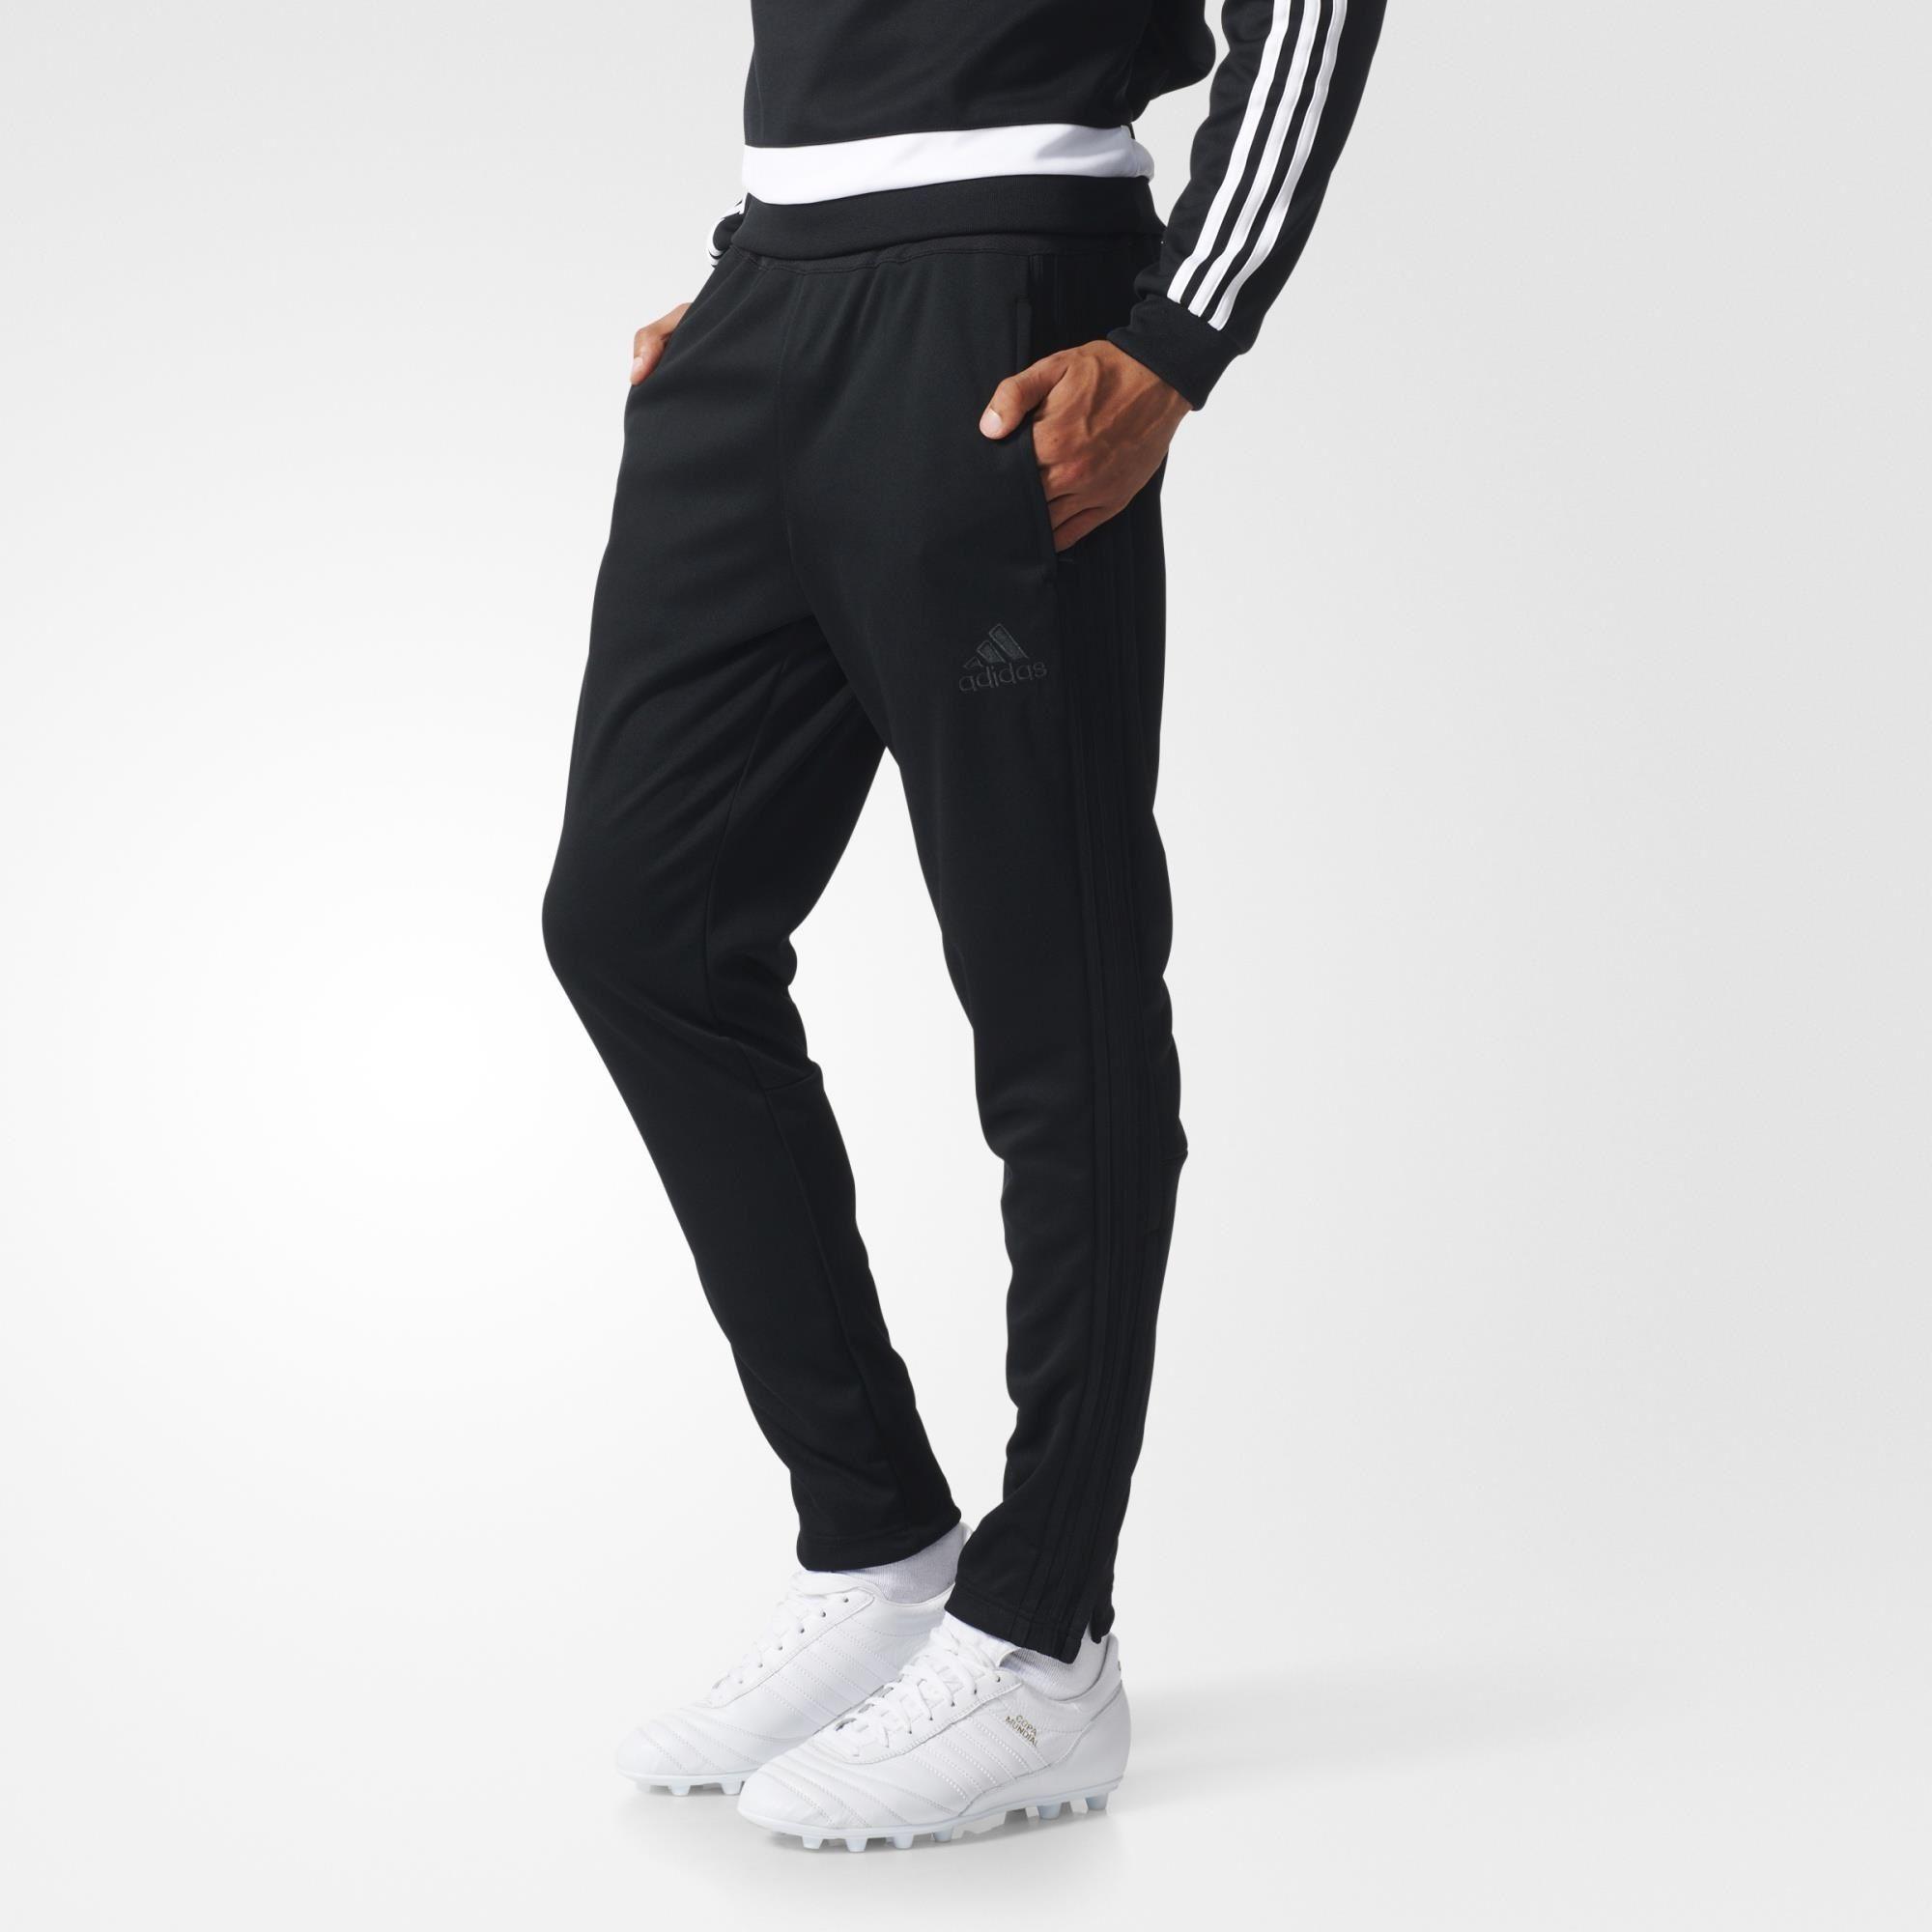 adidas climacool soccer pants mens